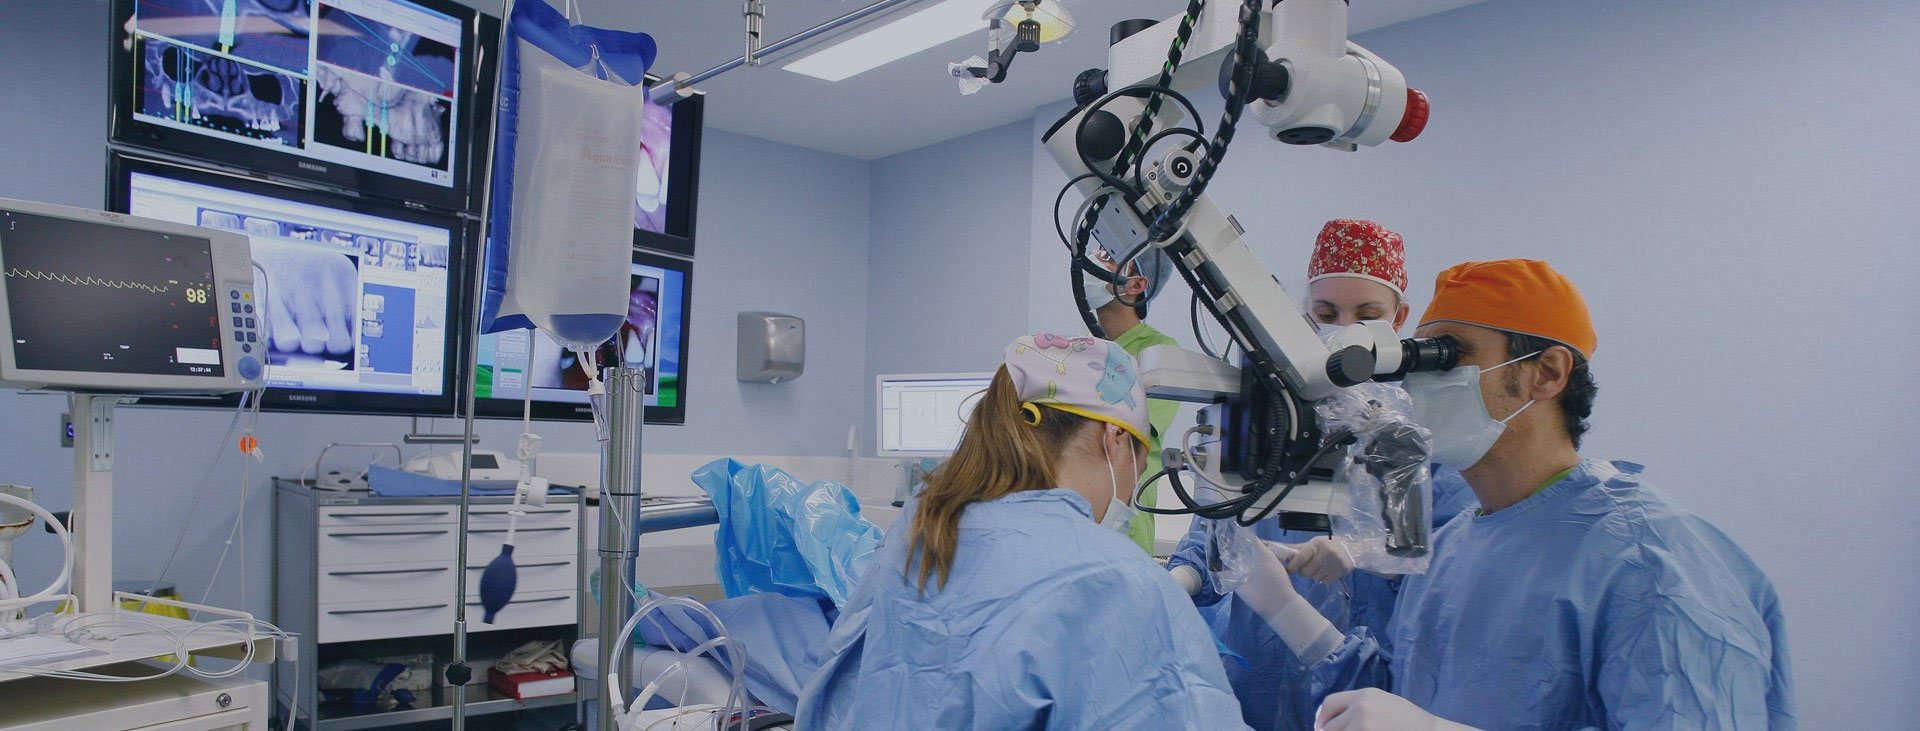 ultima-tecnologia-dental